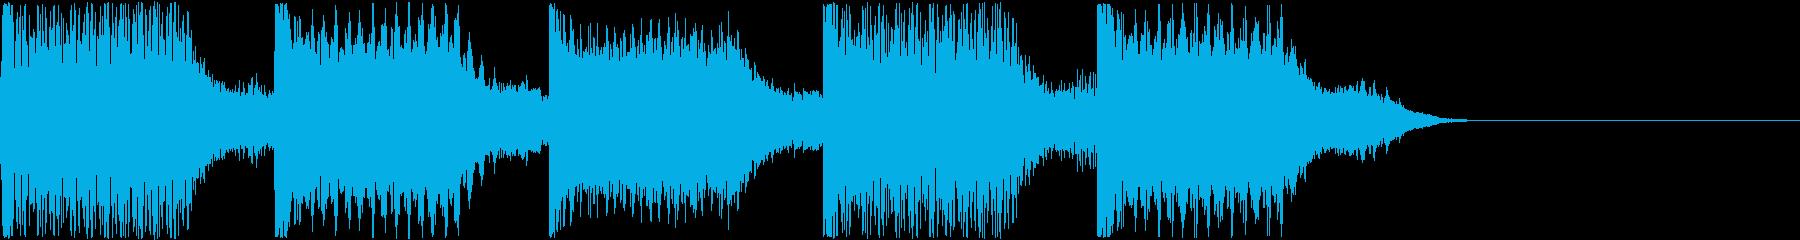 AI メカ/ロボ/マシン動作音 2の再生済みの波形